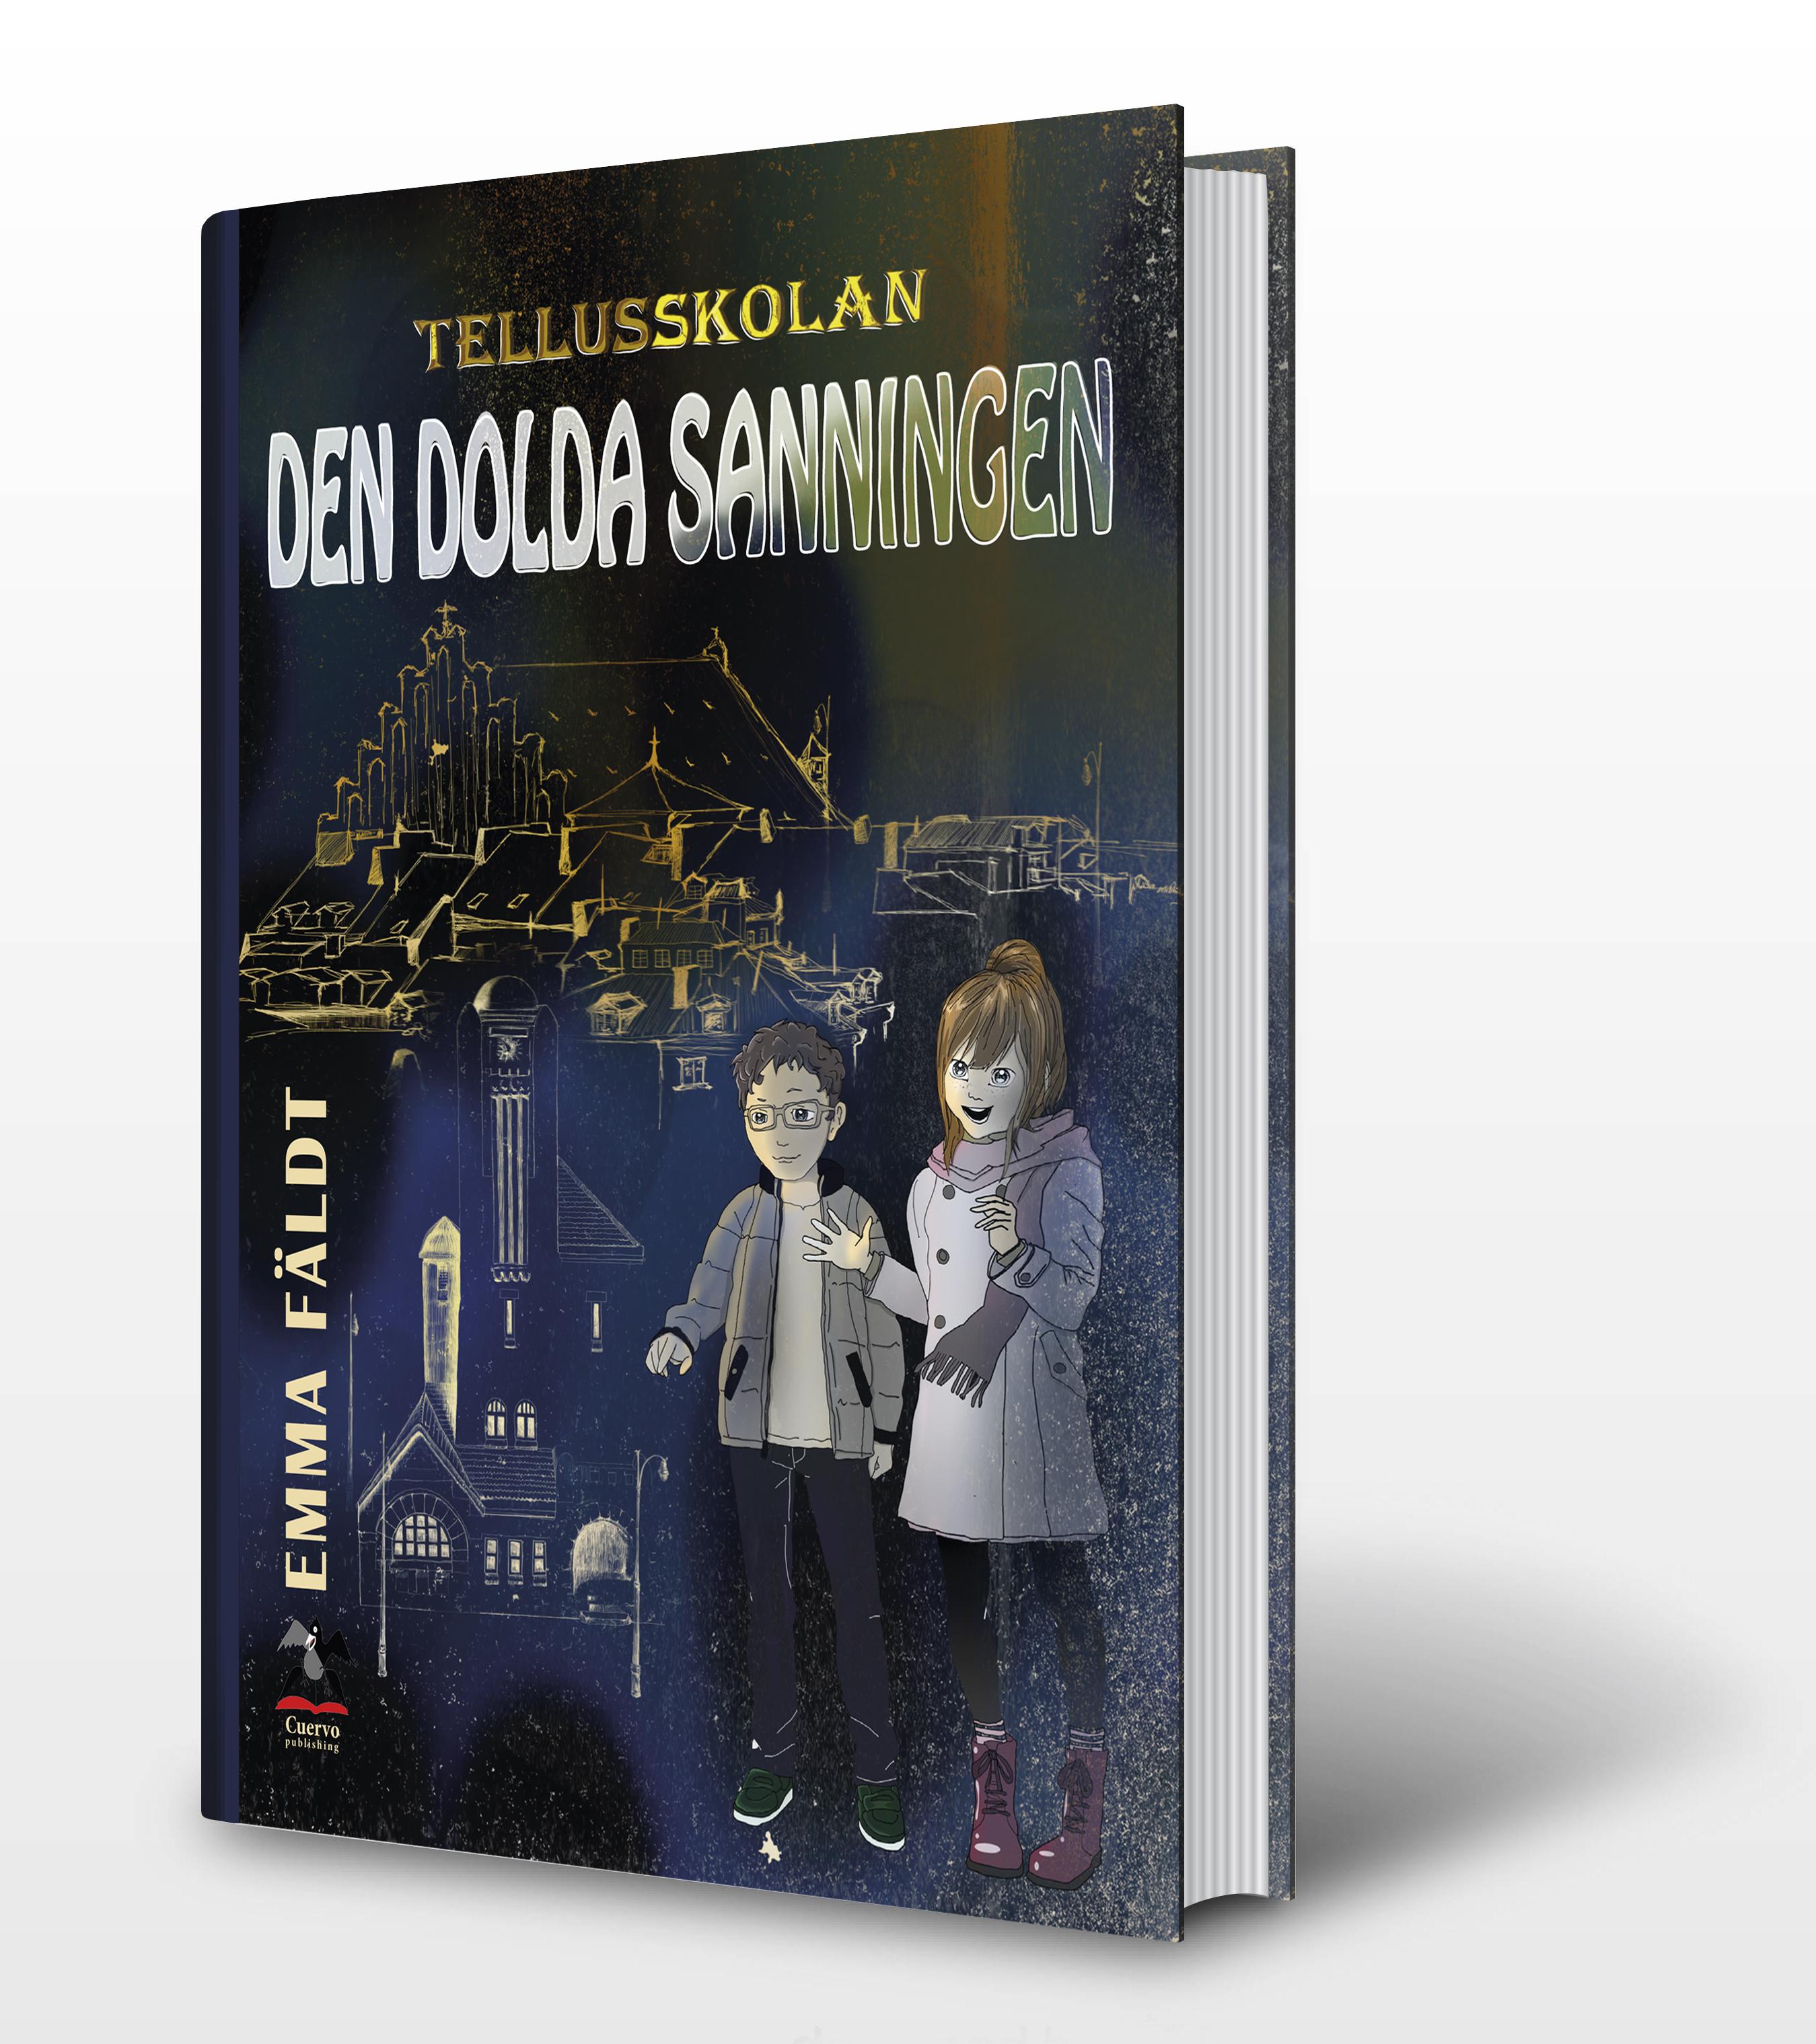 Tellusskolan Emma Fäldt cover 3D.jpg